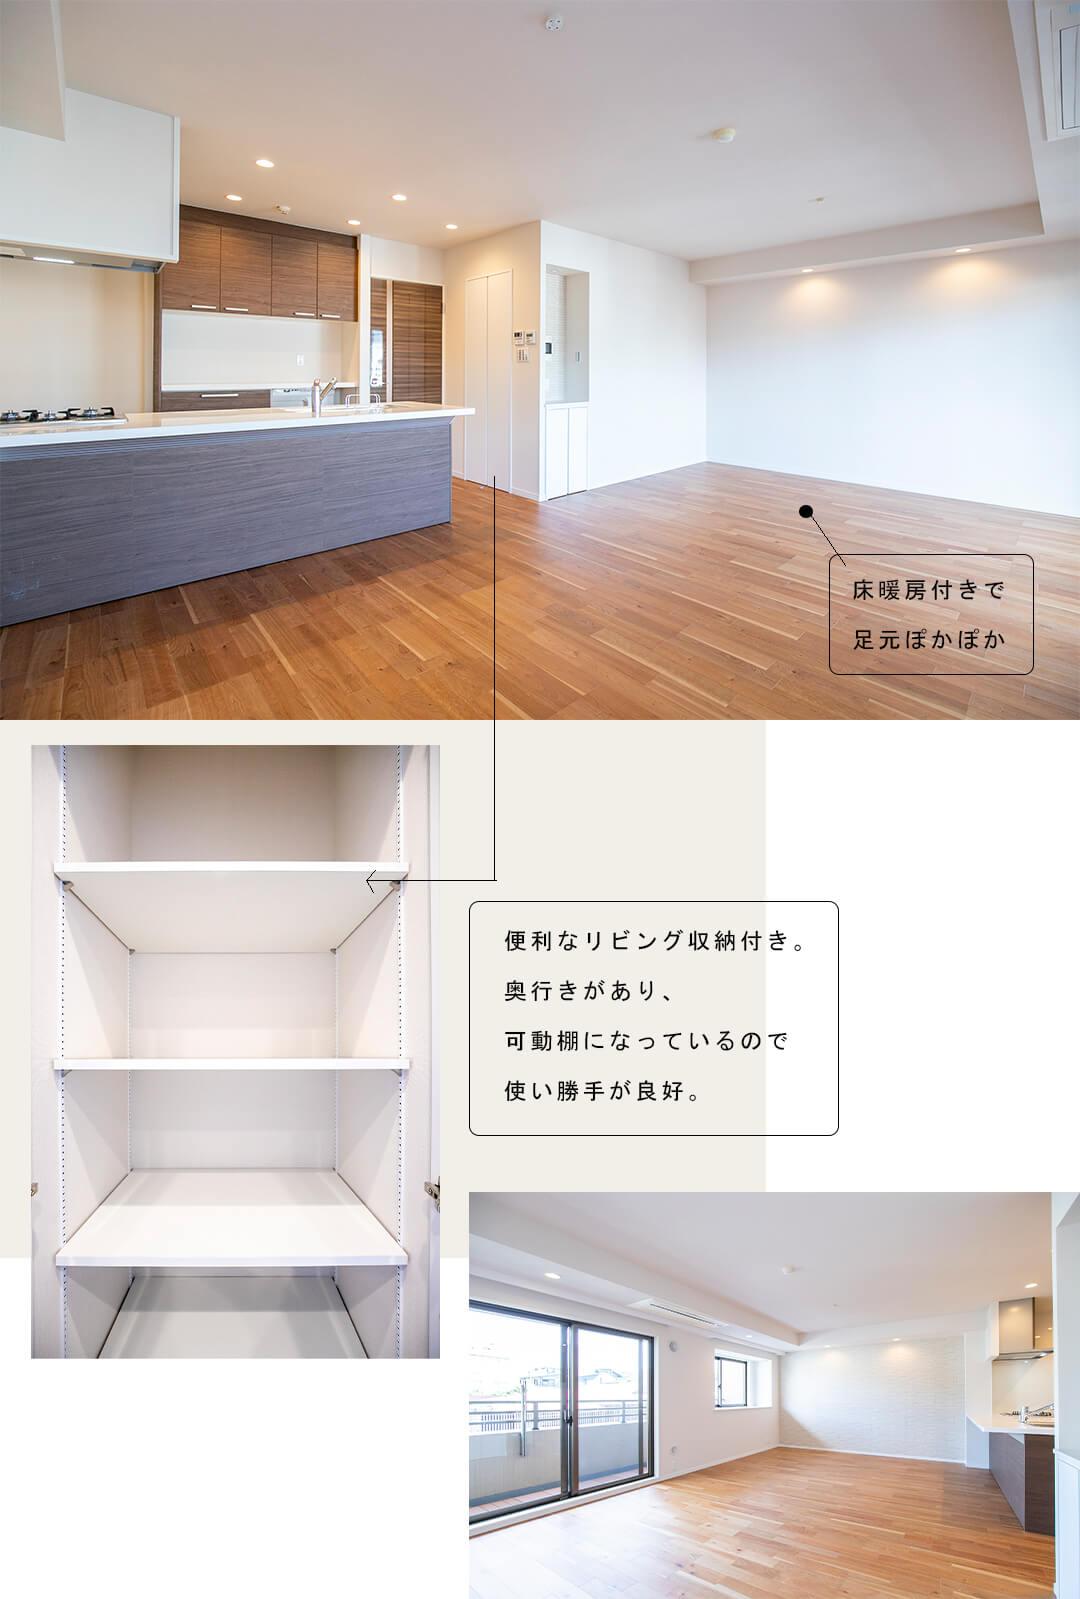 クリオ恵比寿弐番館のリビングダイニングキッチン